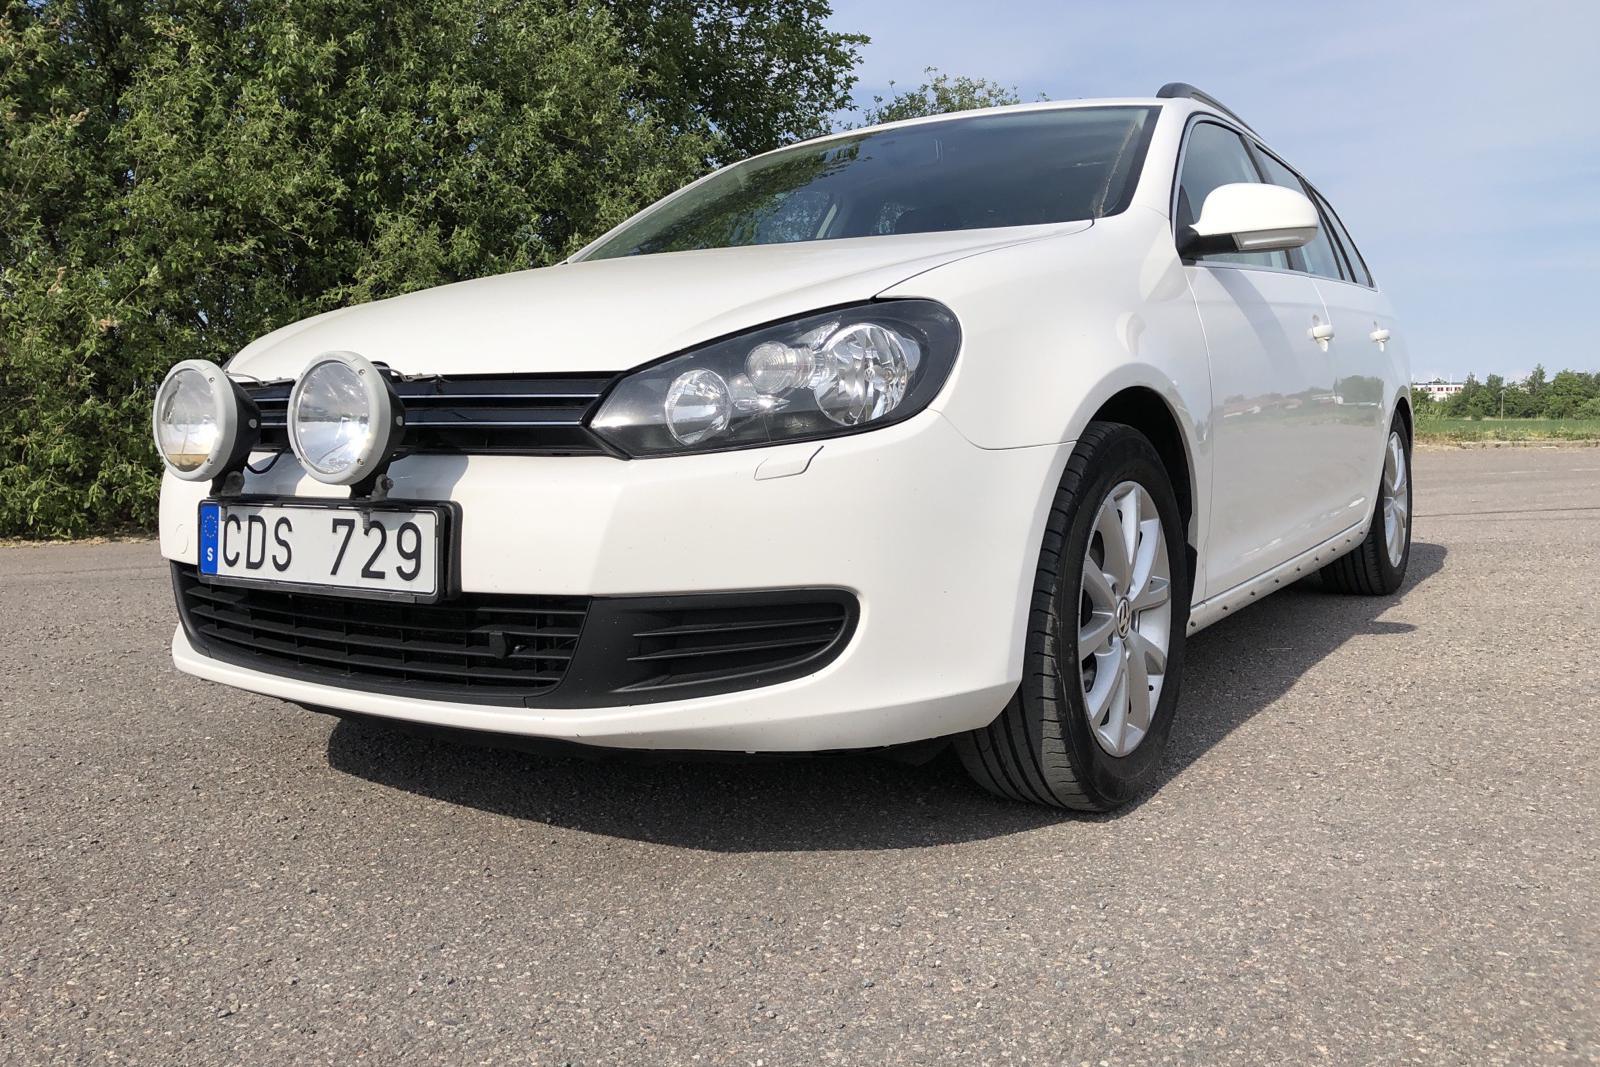 VW Golf VI 1.6 TDI Variant (105hk) - 100 550 km - Manual - white - 2012